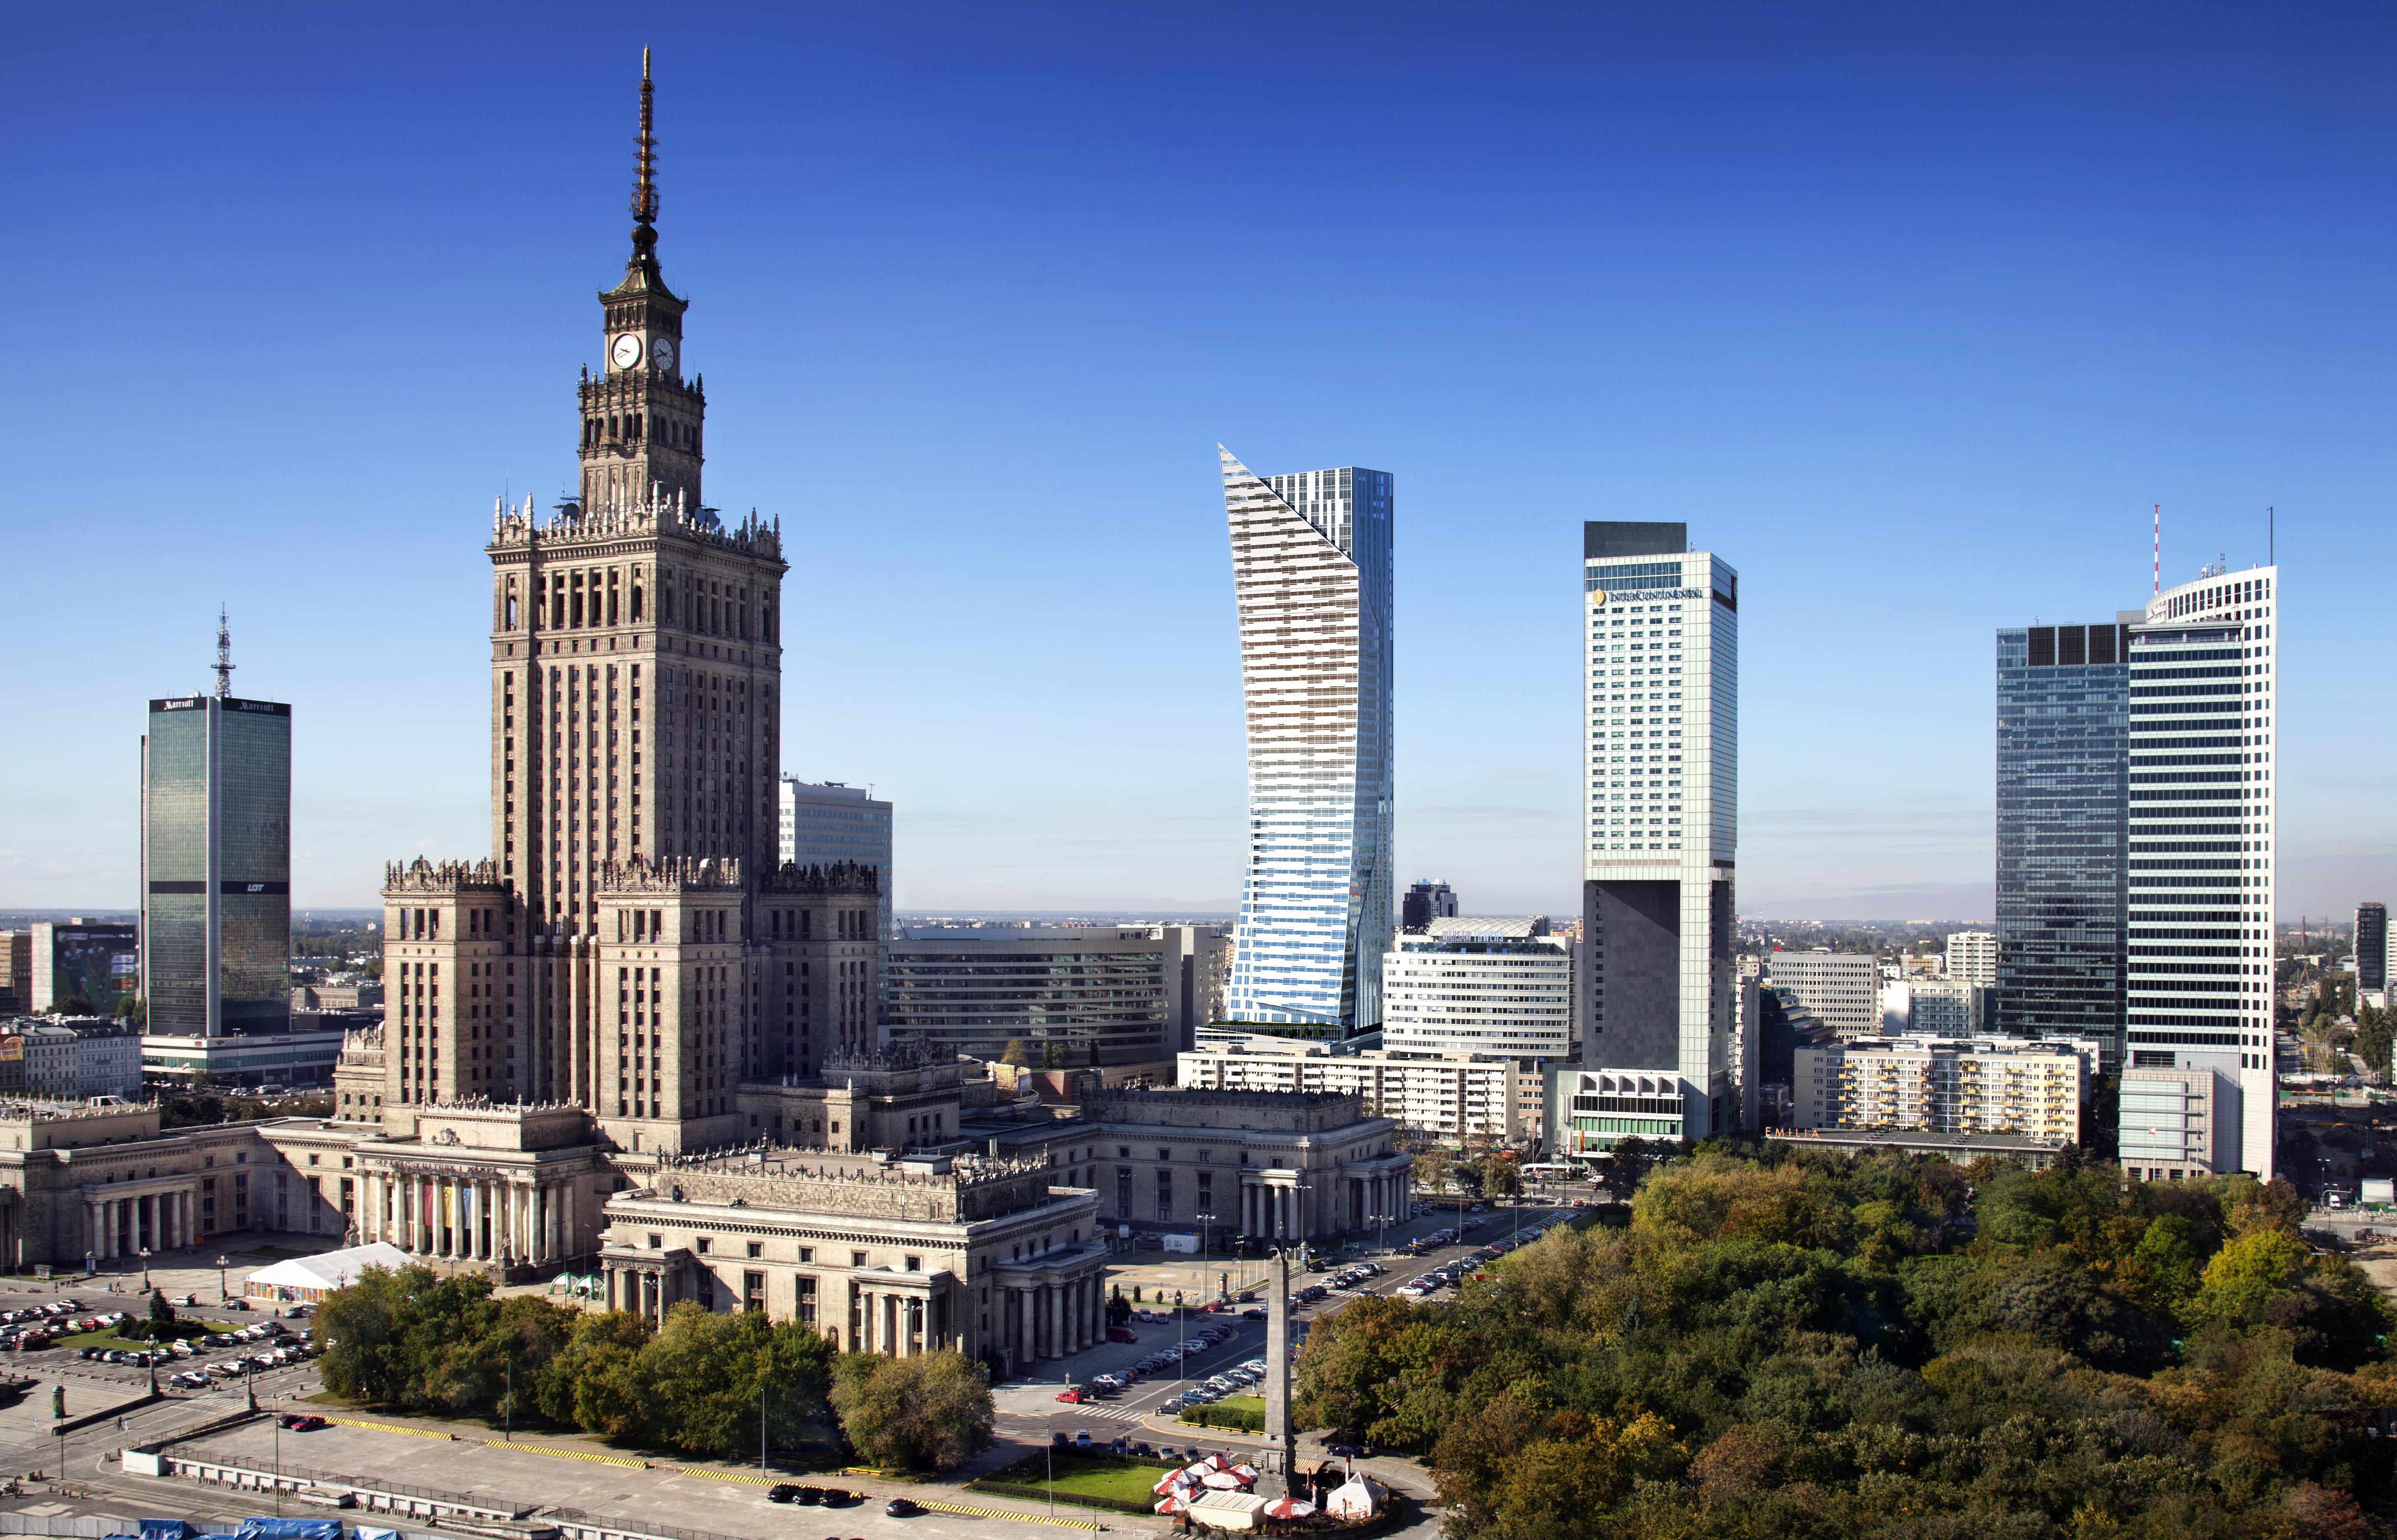 Analizy zacienienia wykonane przez autora artykułu powstały z wykorzystaniem modeli budynków trójwymiarowej makiety Warszawy, udostępnionych przez Biuro Architektury i Planowania Przestrzennego m.st. Warszawy. Wizualizacje wieżowca Złota 44 pochodzą ze strony internetowej Orco Property Group.